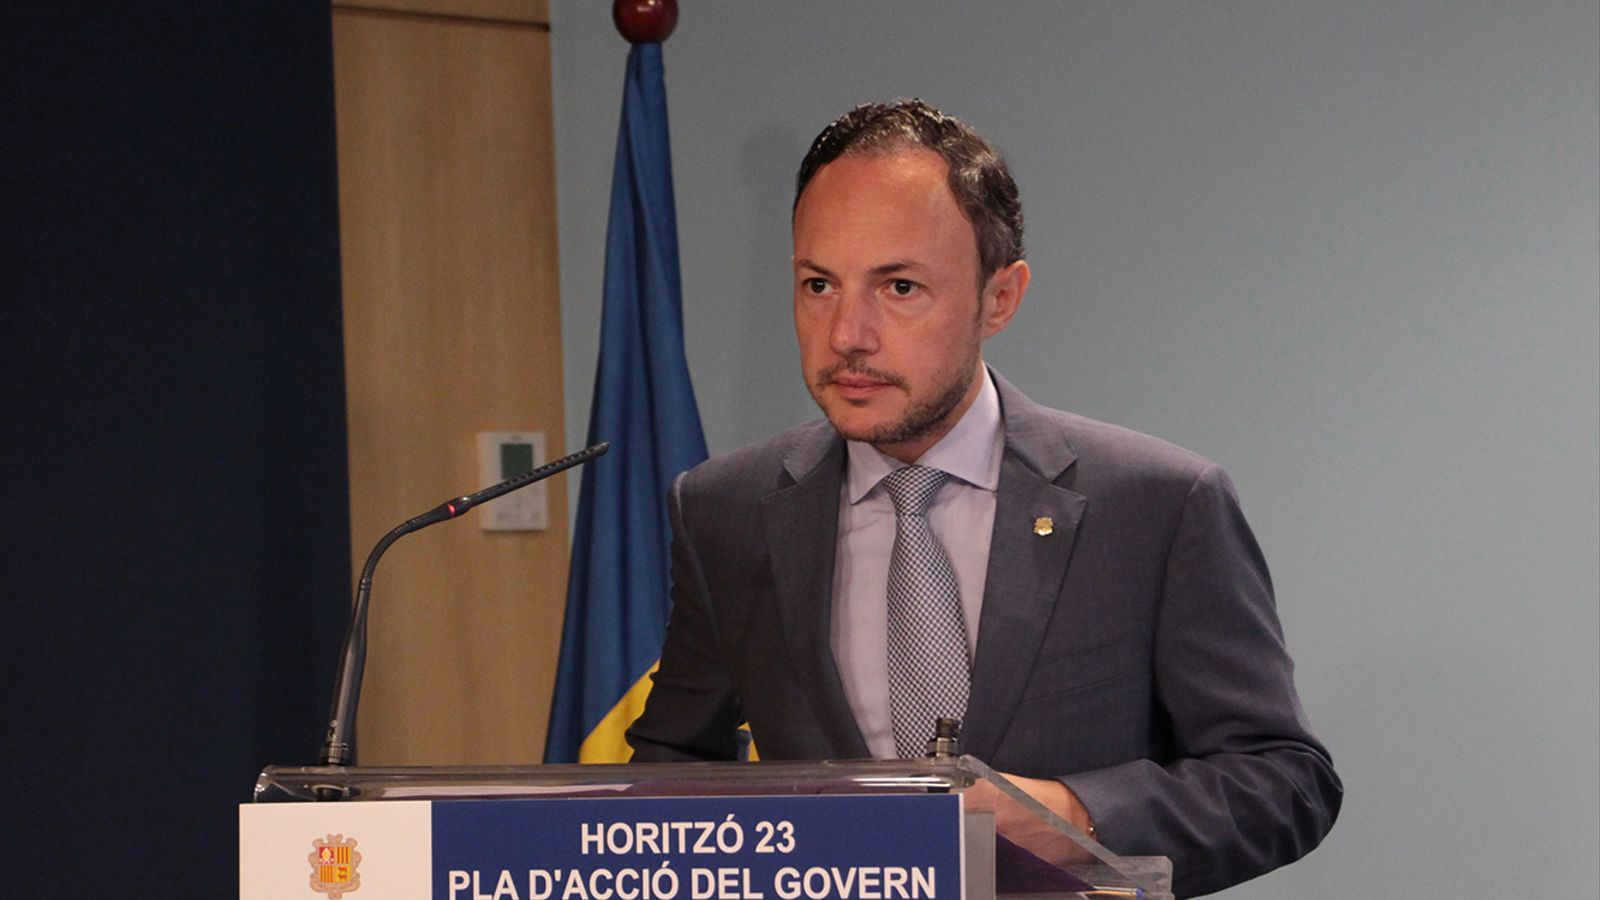 El cap de Govern, Xavier Espot, durant la presentació del full de ruta per a la legislatura